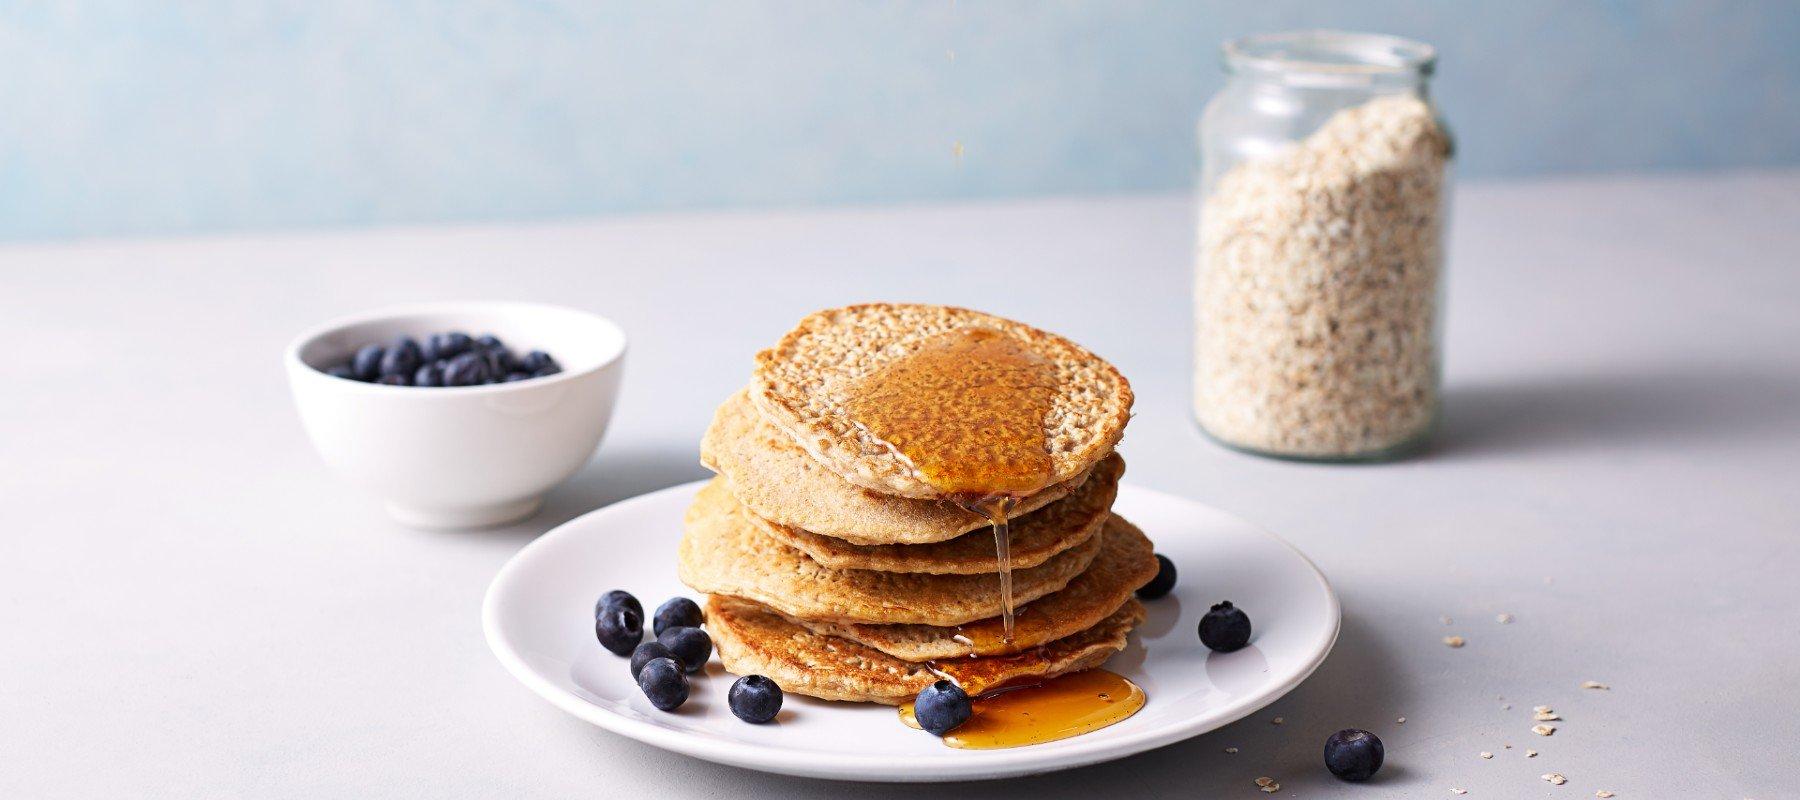 Edzés előtti reggeli | Ötletek, hogy mit egyél, ha reggel edzel